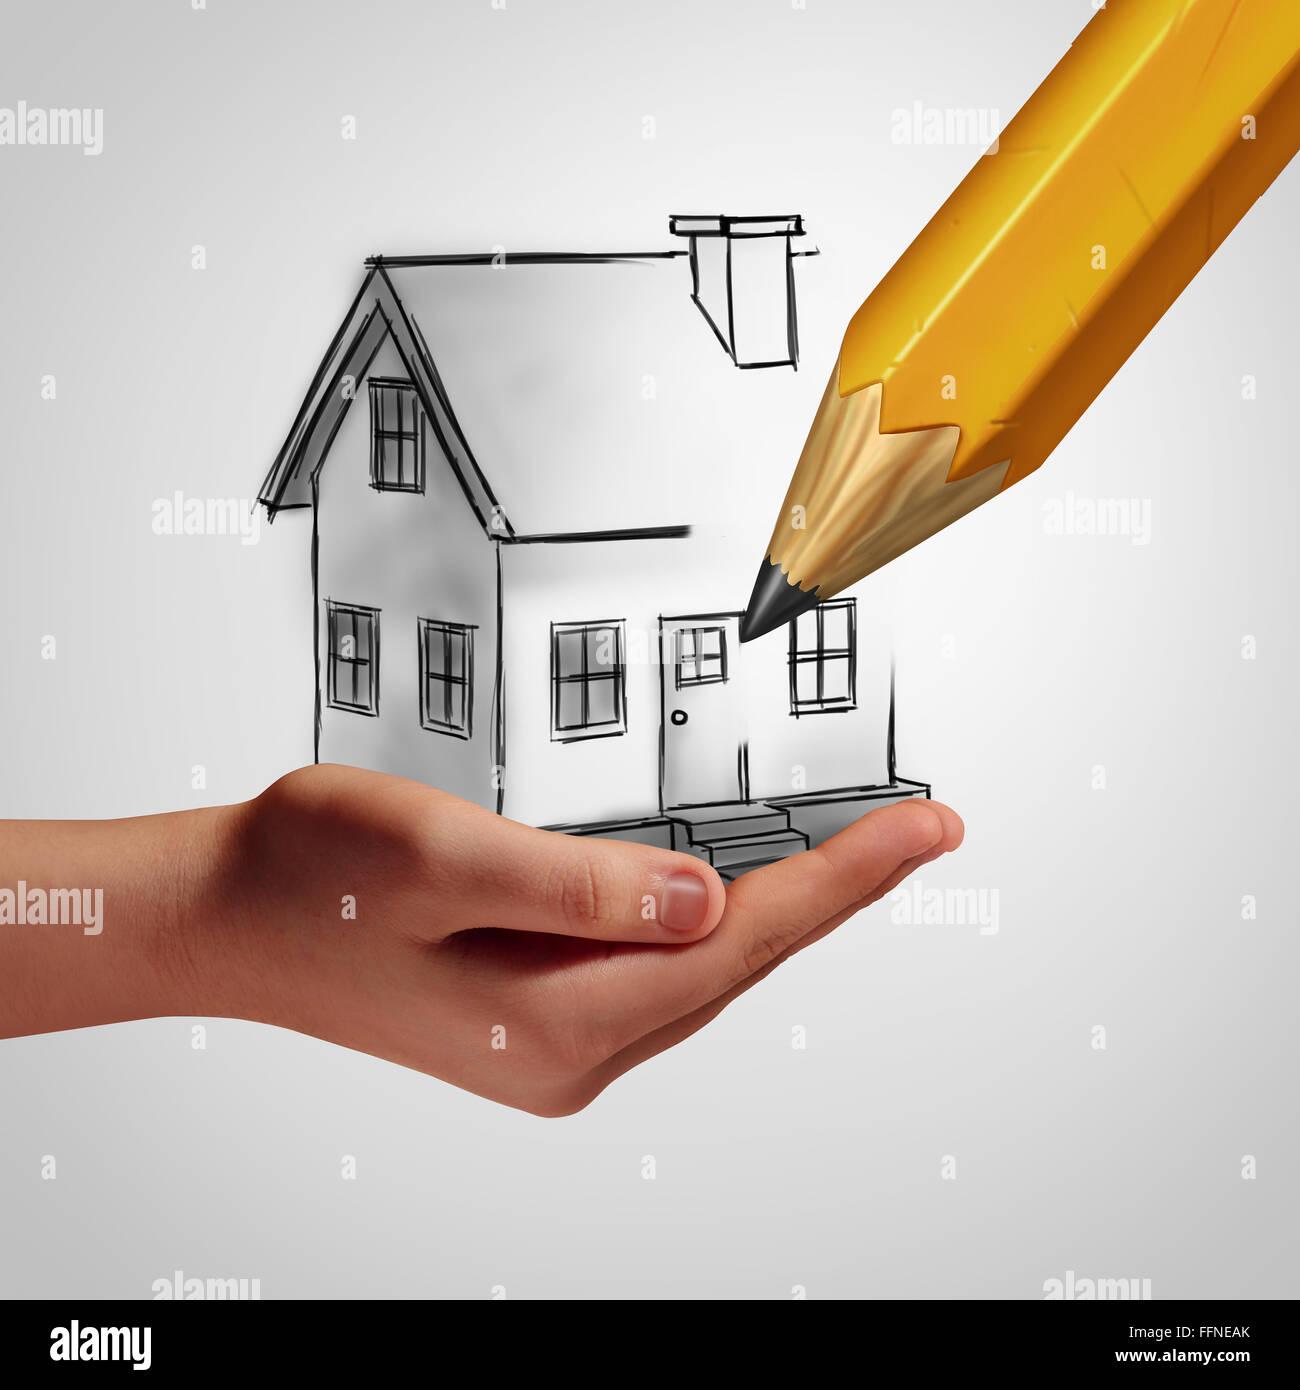 Maison de rêve, une main tenant un dessin d'une maison de famille, qui est en cours d'élaboration Photo Stock